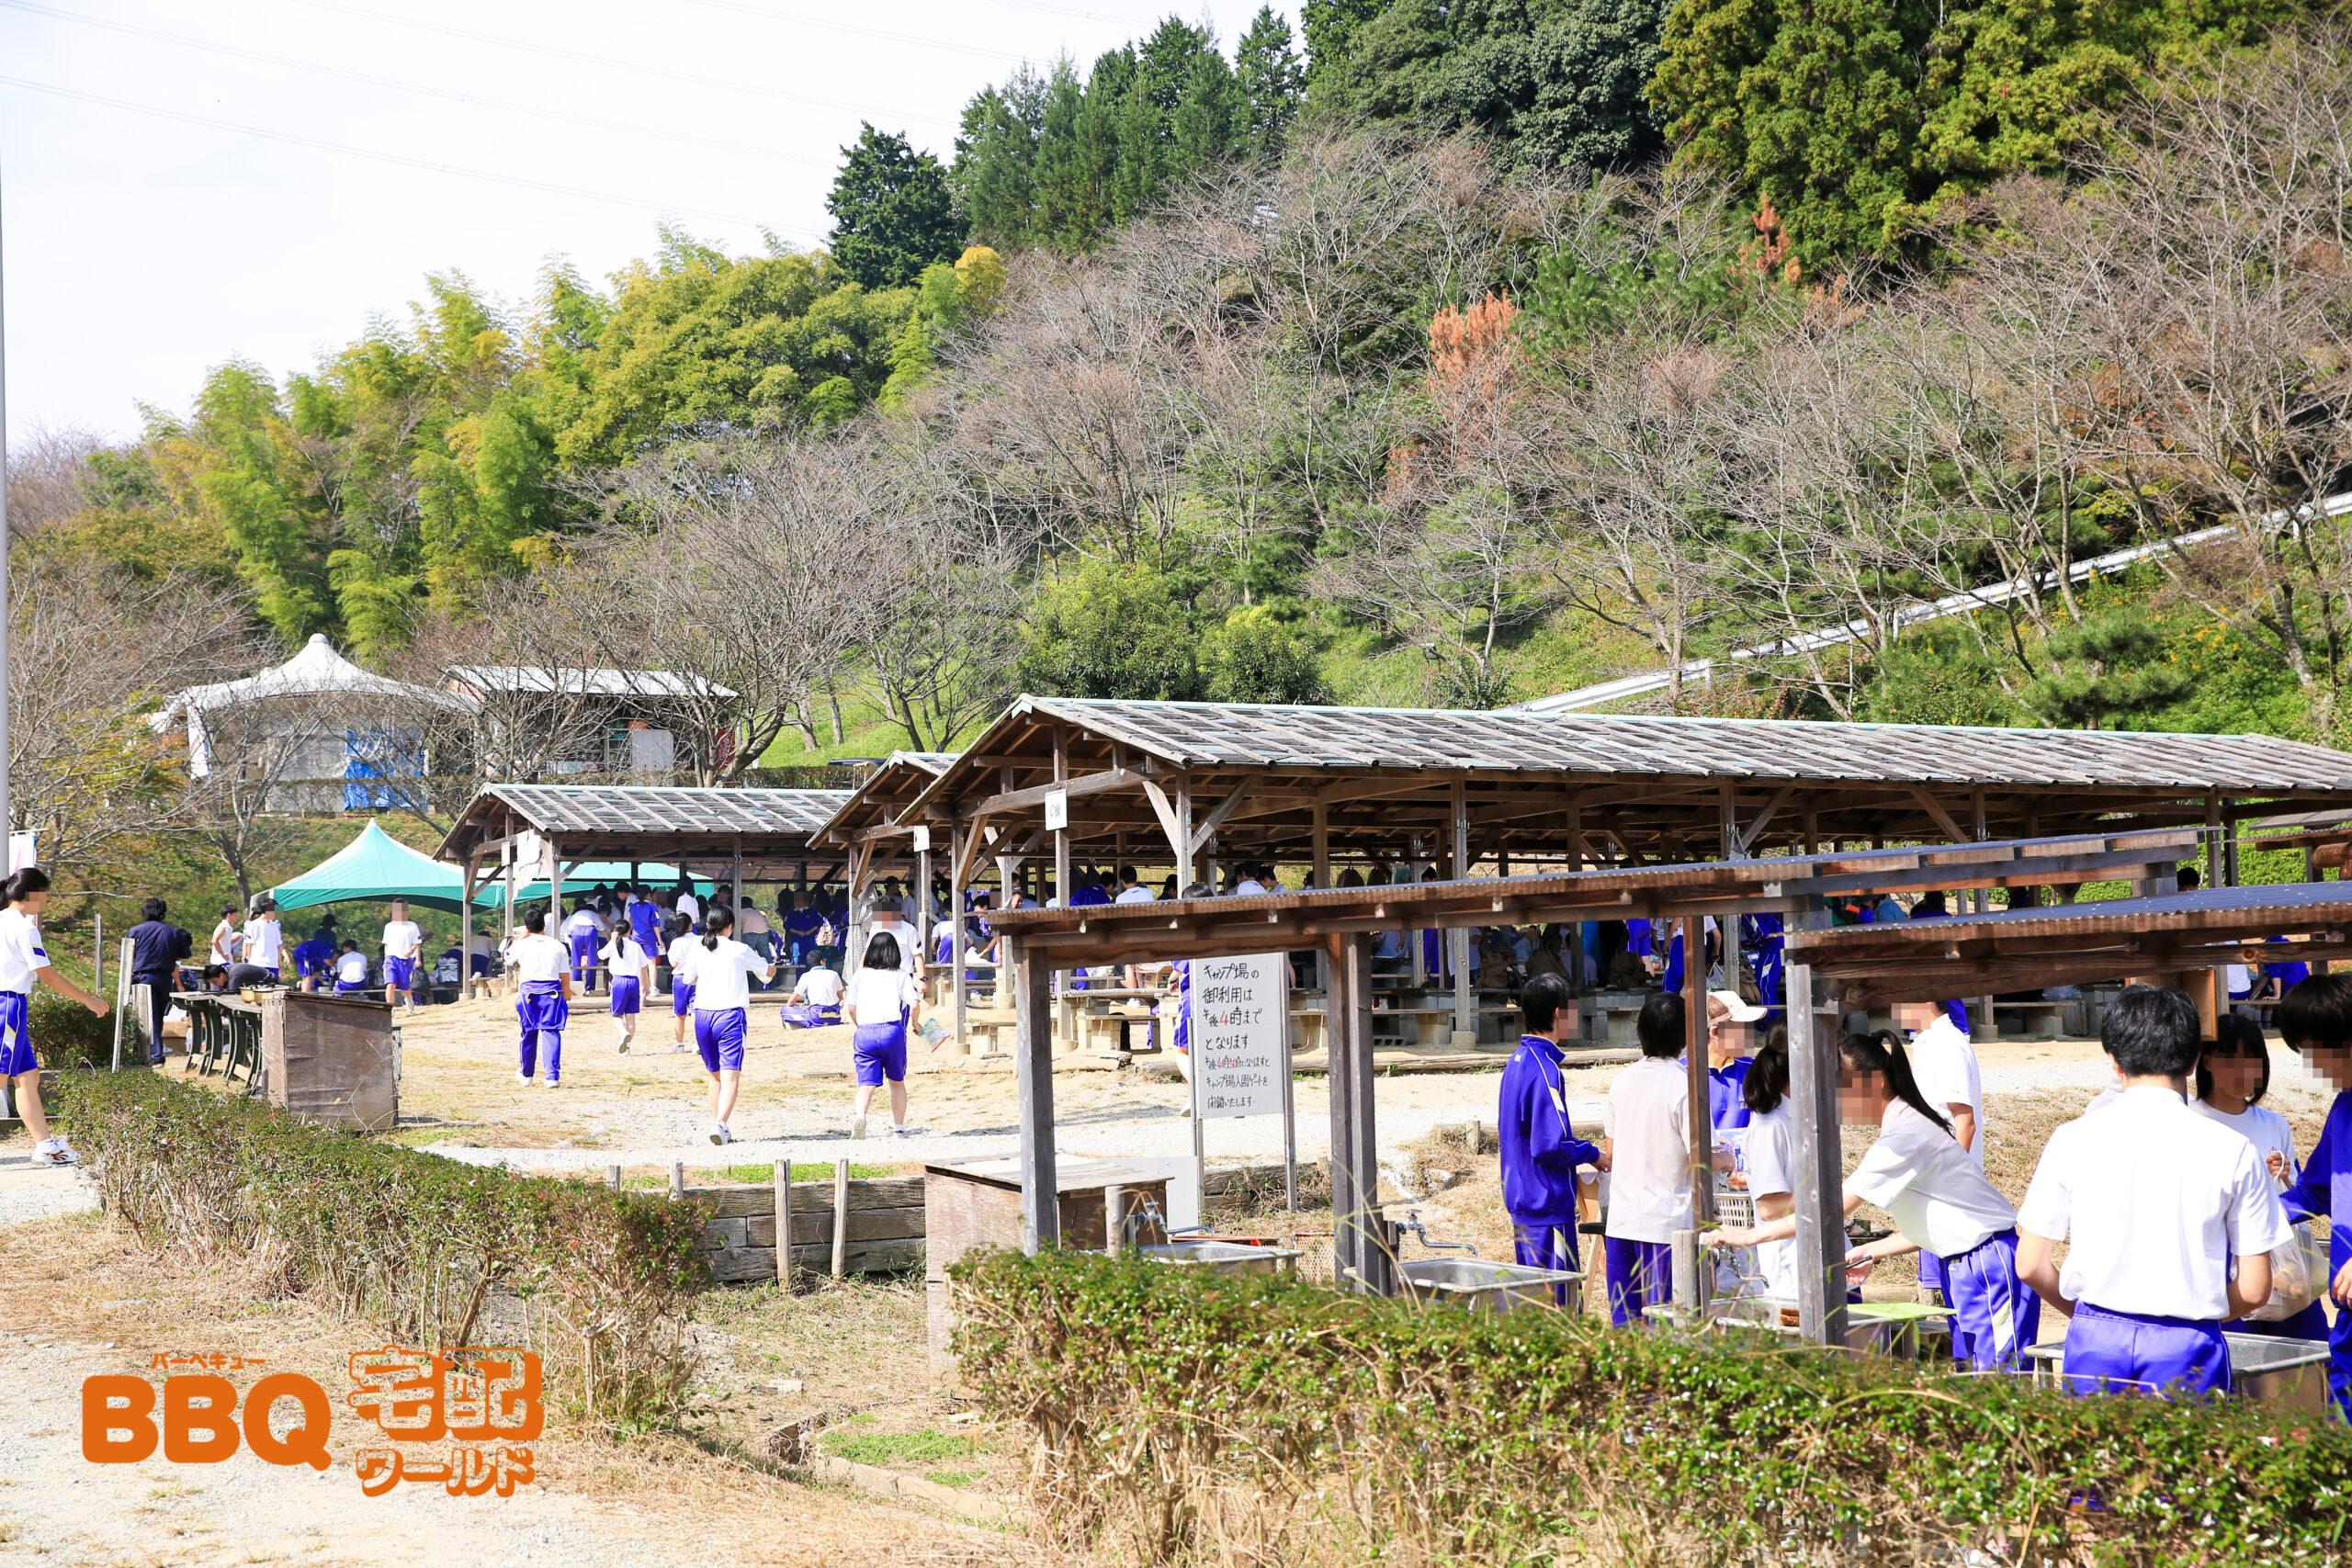 信貴山のどか村BBQ校外学習